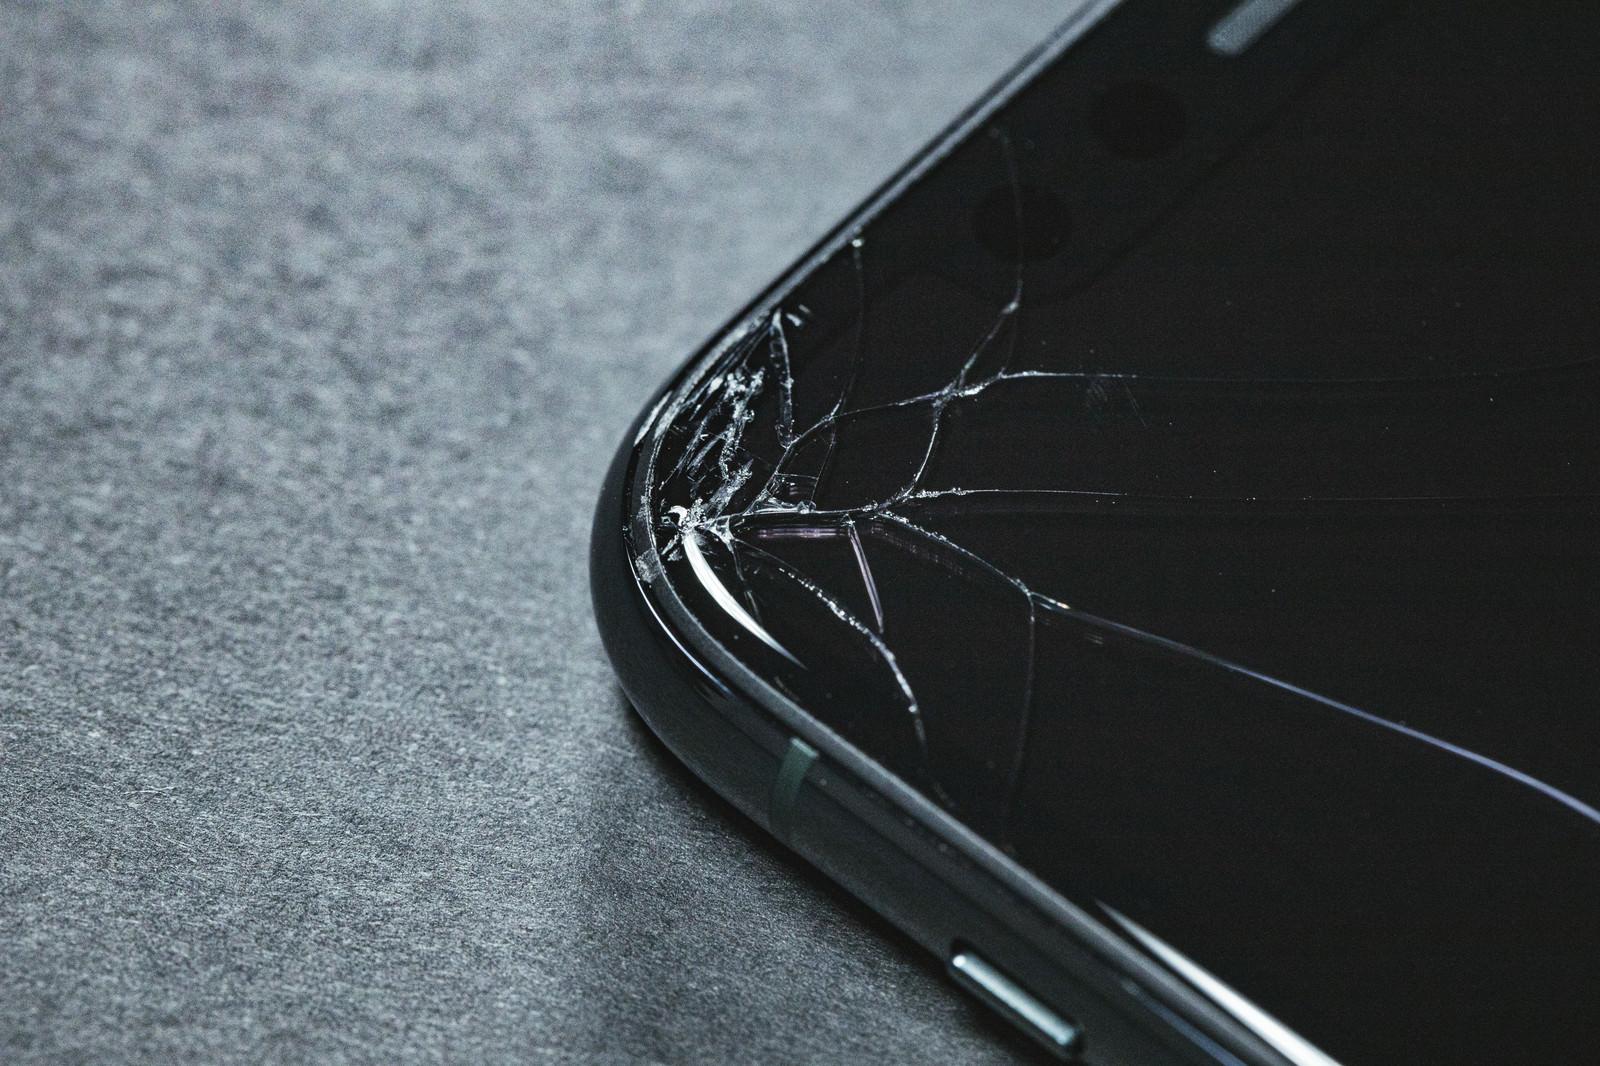 「角からひび割れした前面パネル(iPhone)」の写真